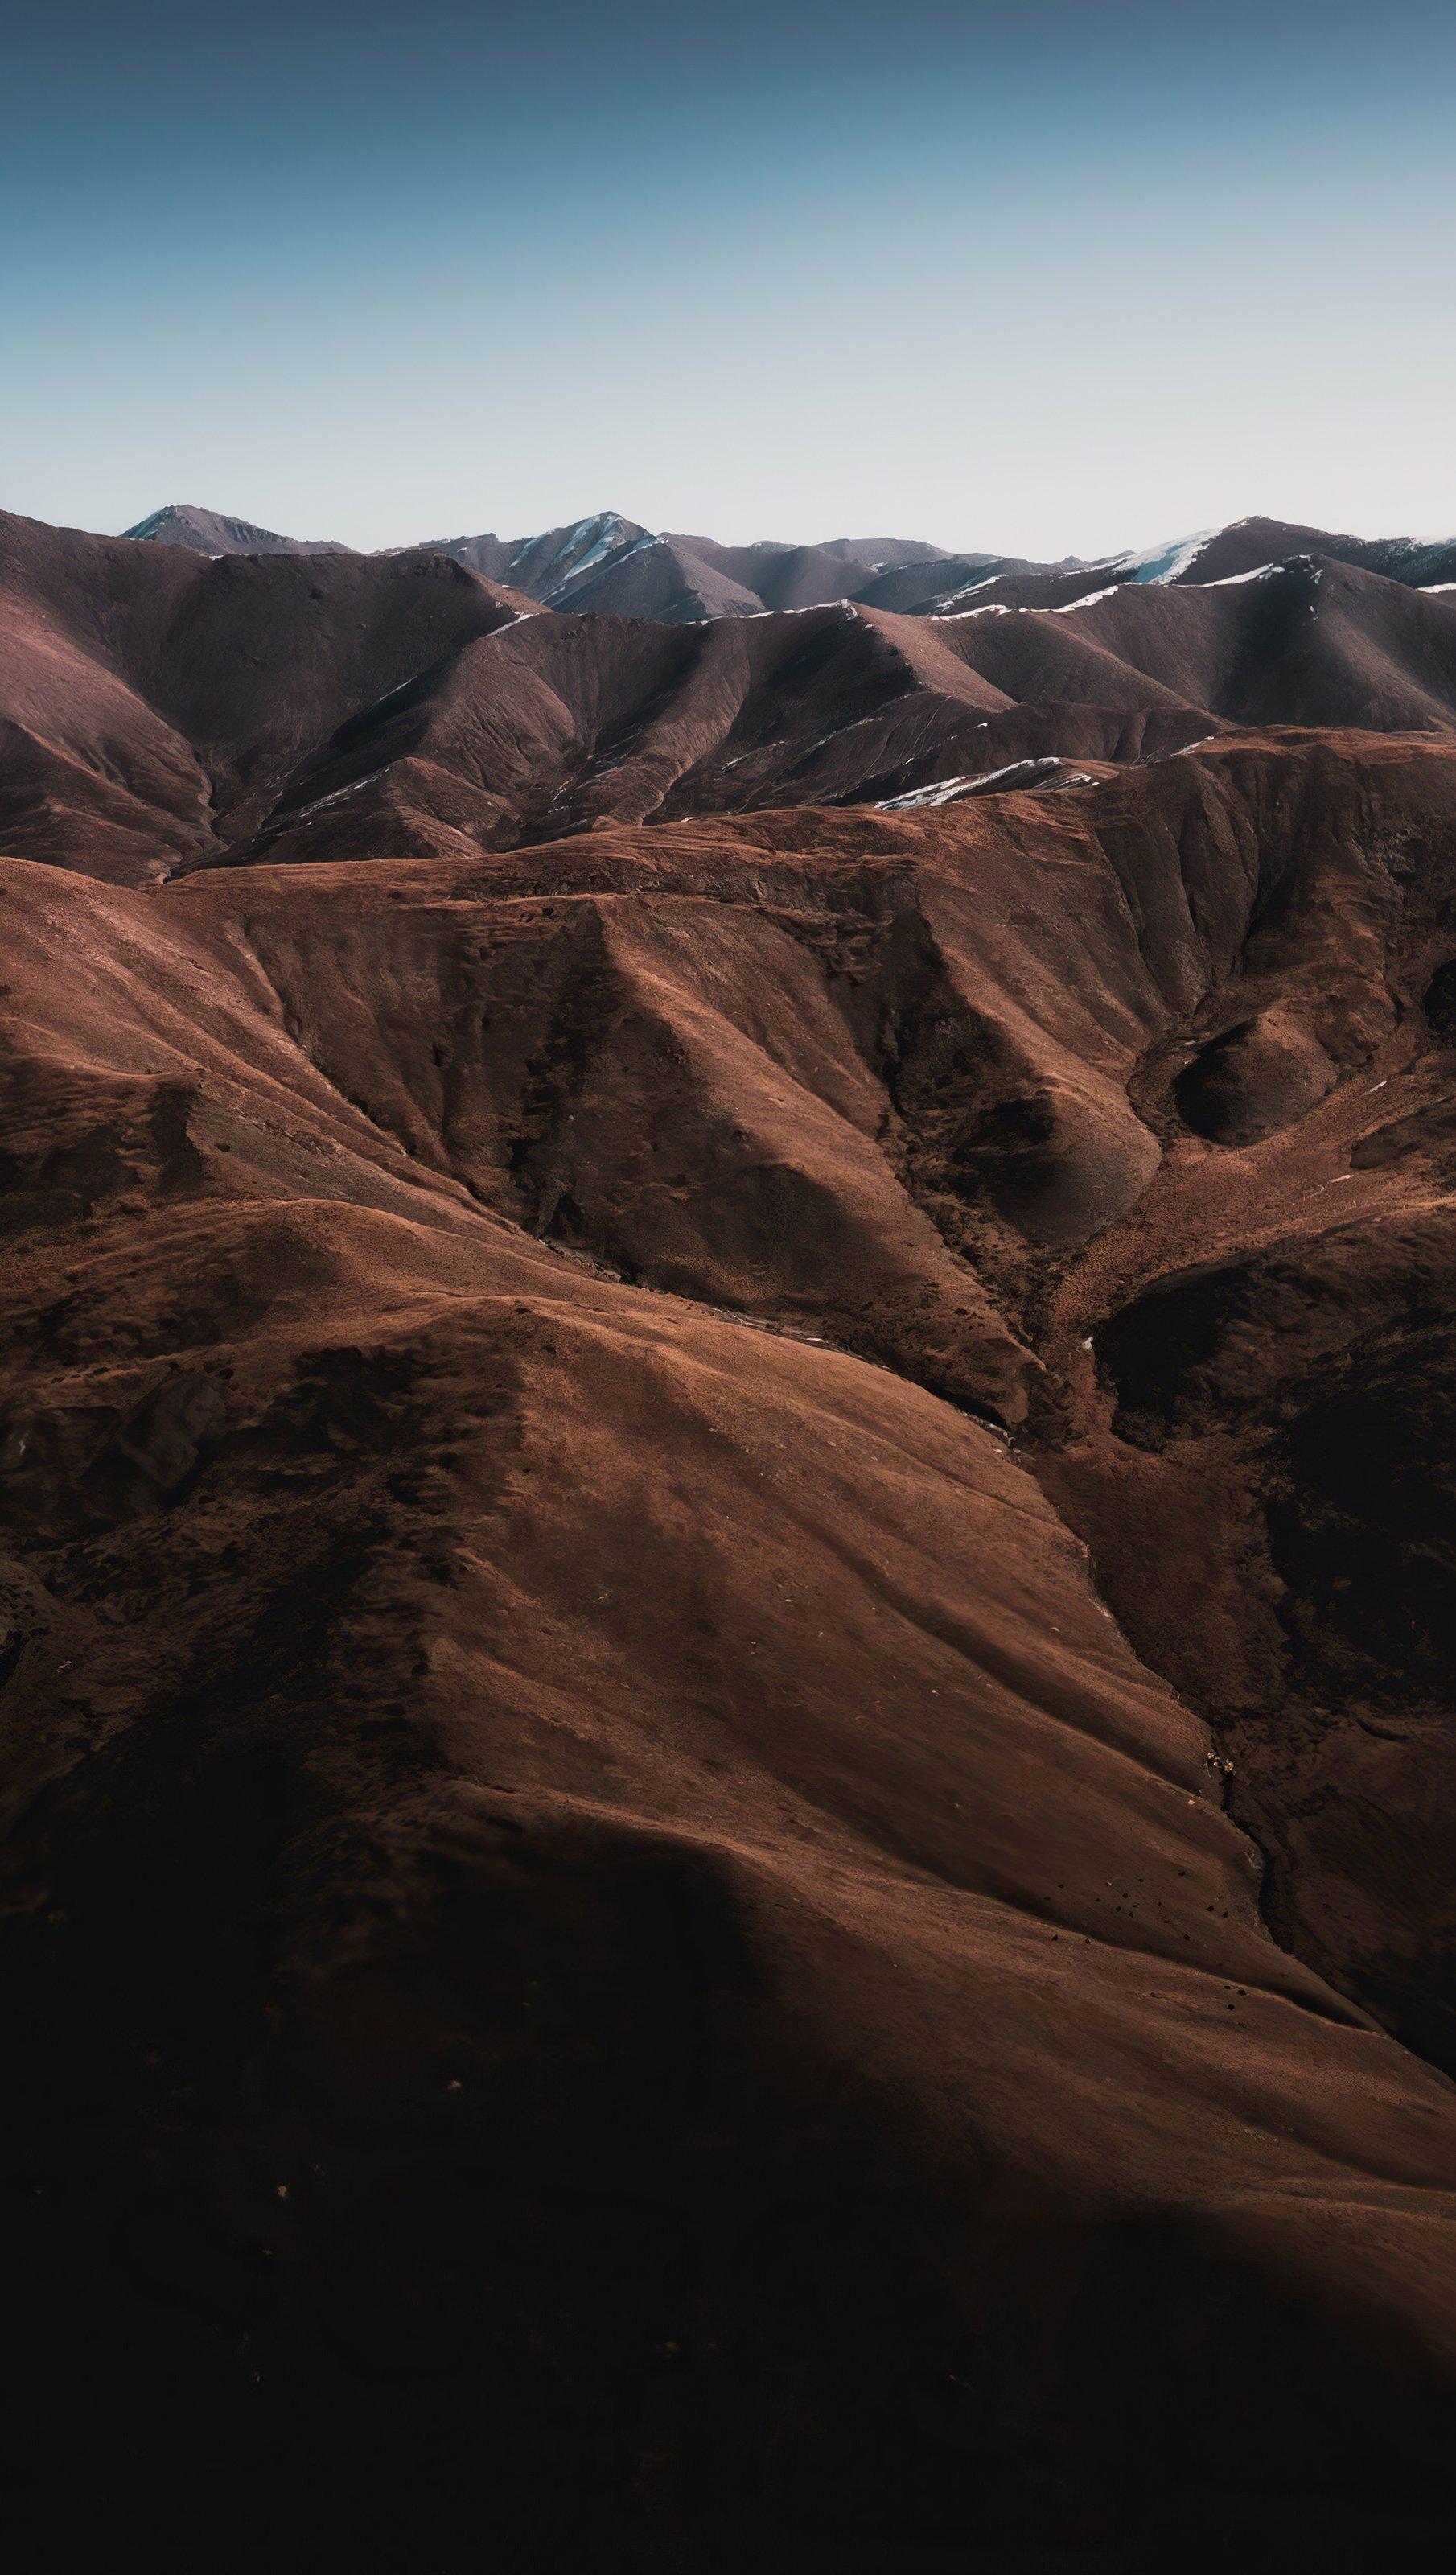 Fondos de pantalla Montañas agrupadas Vertical